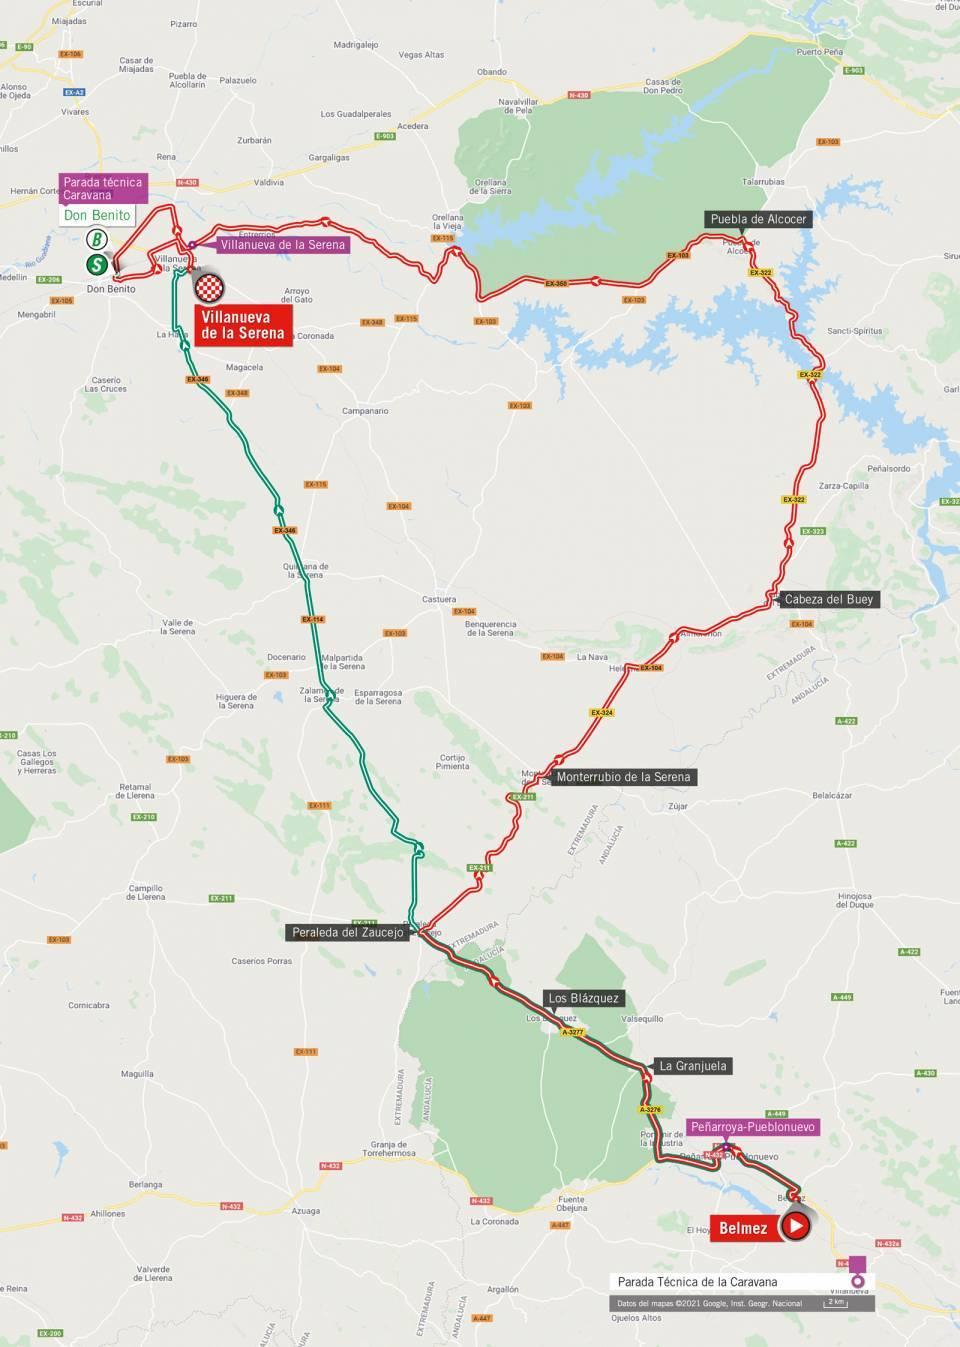 De route van vandaag (Bron: Vuelta a España)